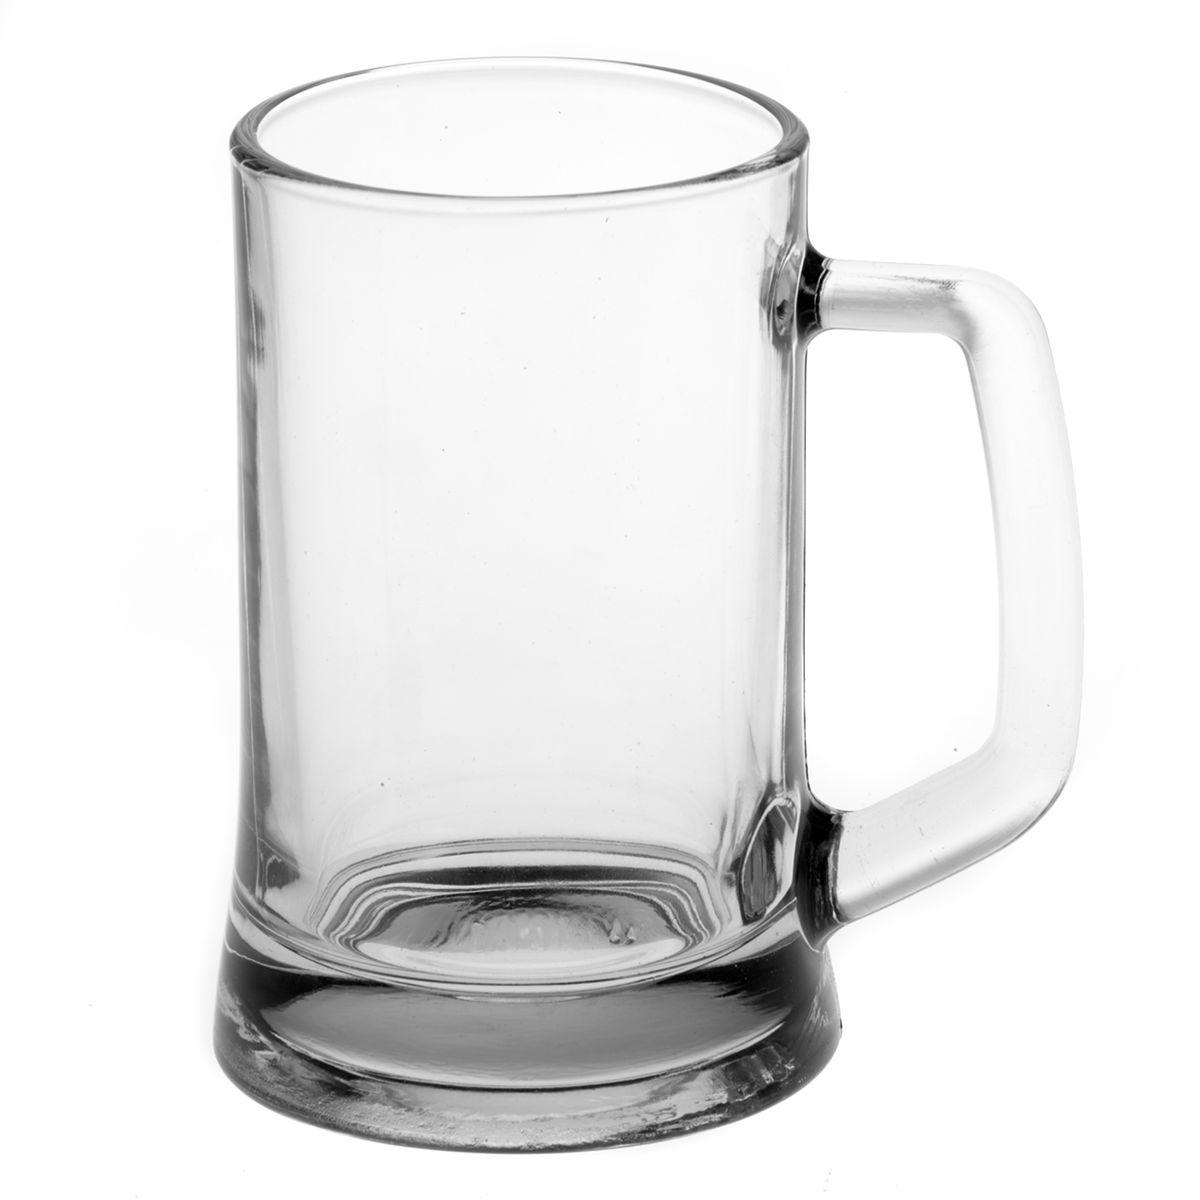 Набор кружек для пива Pasabahce Pub, 300 мл, 2 шт55299BНабор Pasabahce Pub состоит из двух кружек, выполненных из прочного натрий-кальций- силикатного стекла. Кружки оснащены ручками и прекрасно подходят для подачи пива. Функциональность, практичность и стильный дизайн сделают набор прекрасным дополнением к вашей коллекции посуды. Можно мыть в посудомоечной машине и использовать в микроволновой печи. Диаметр кружки (по верхнему краю): 7 см. Высота кружки: 13 см.